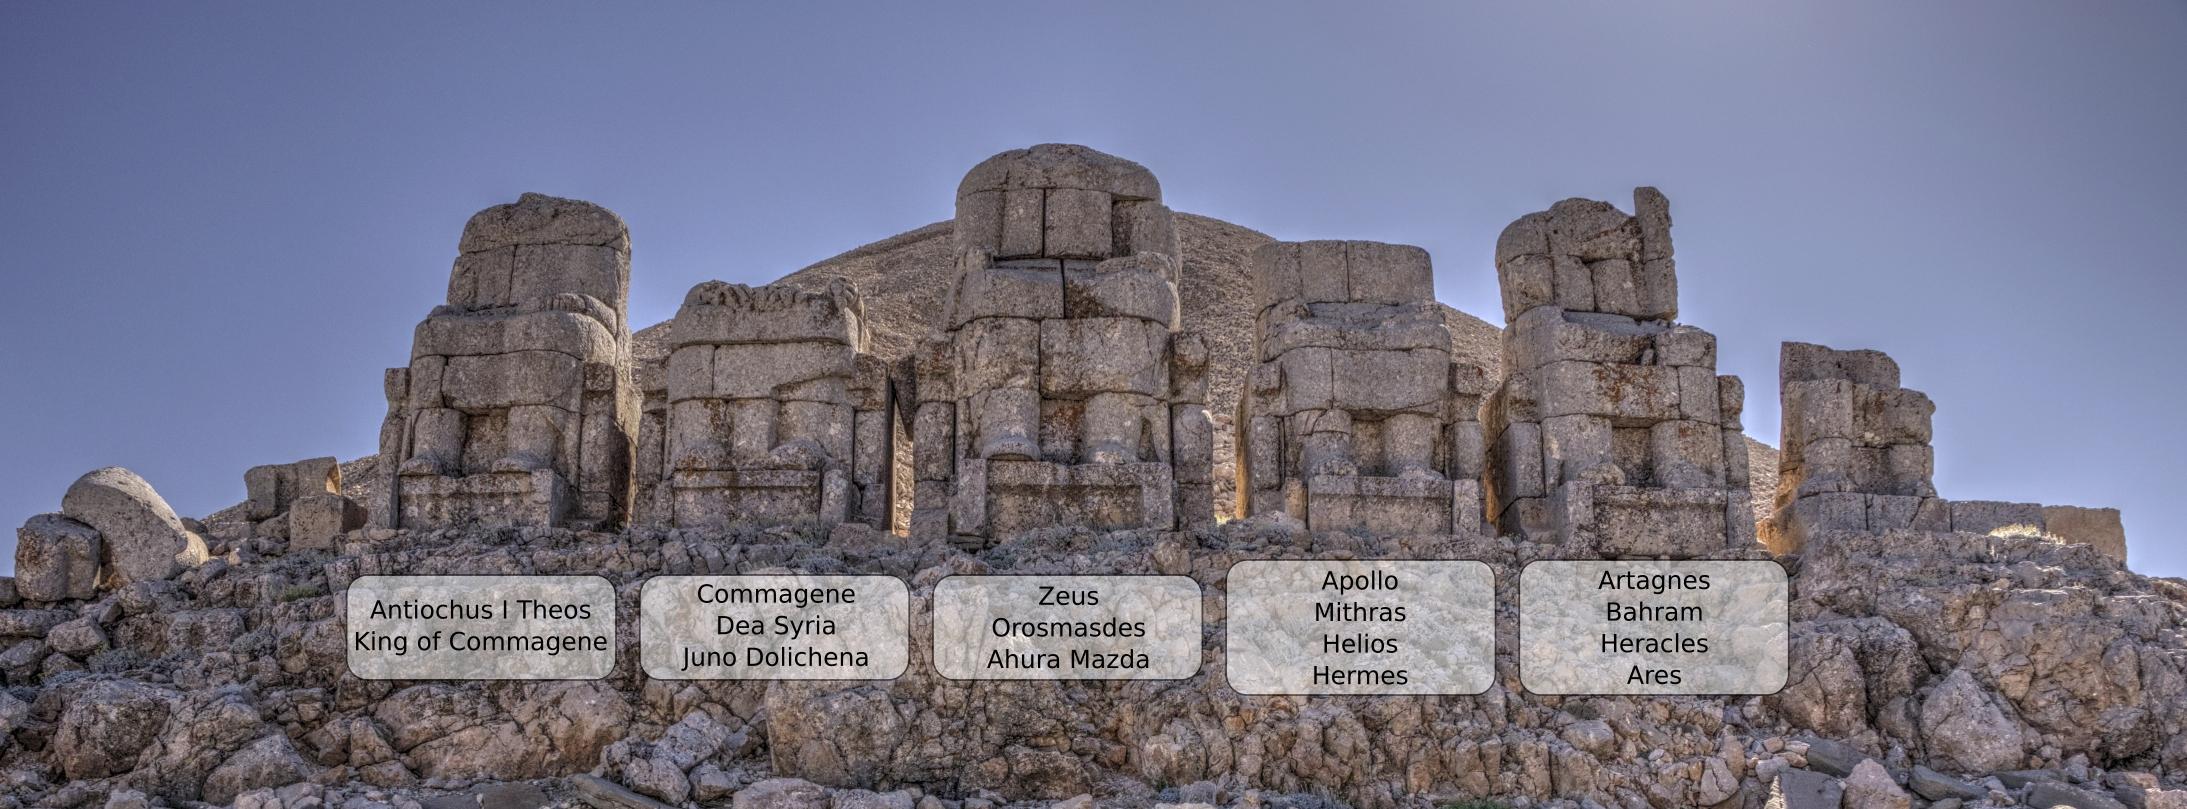 East Terrace no Monte Nemrut, a localização das estátuas monumentais